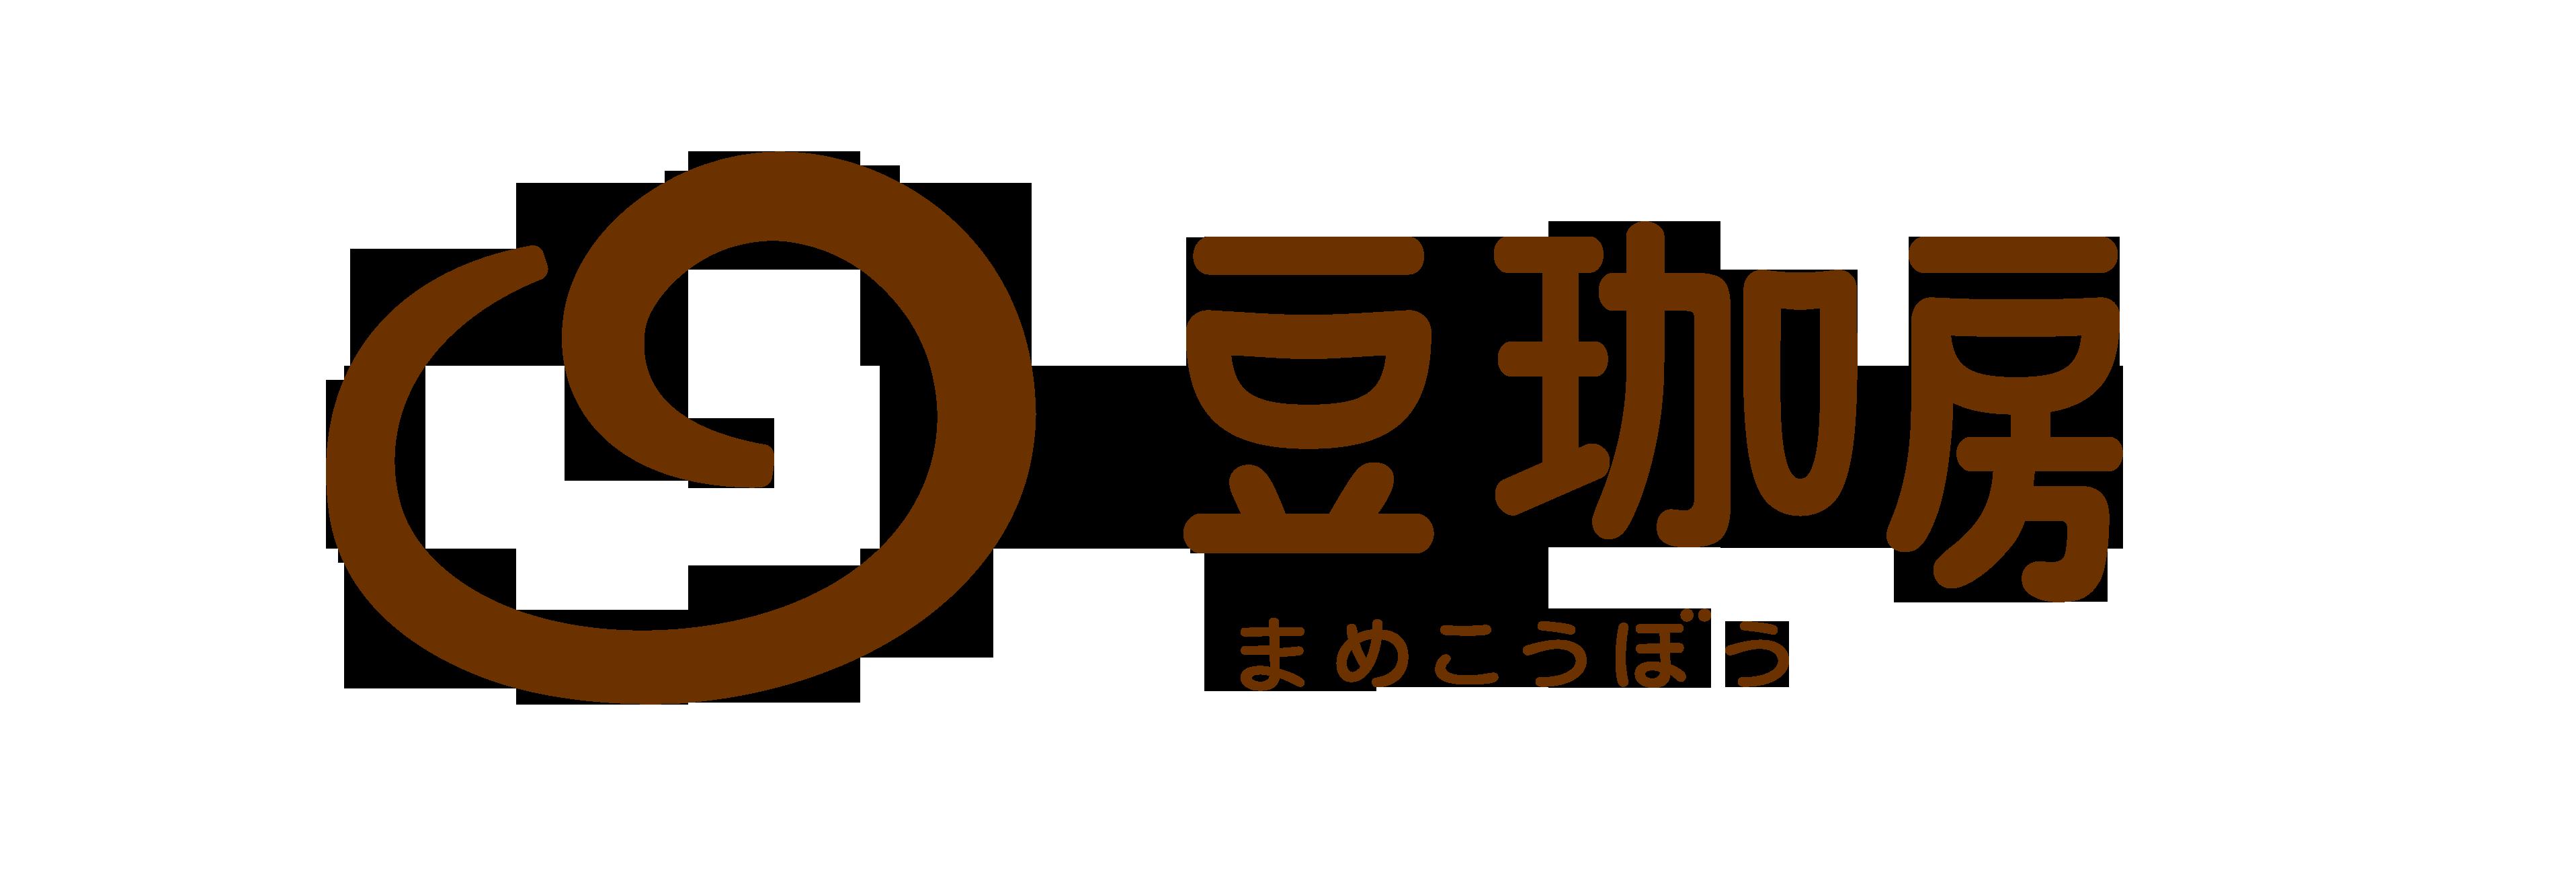 豆珈房(まめこうぼう)